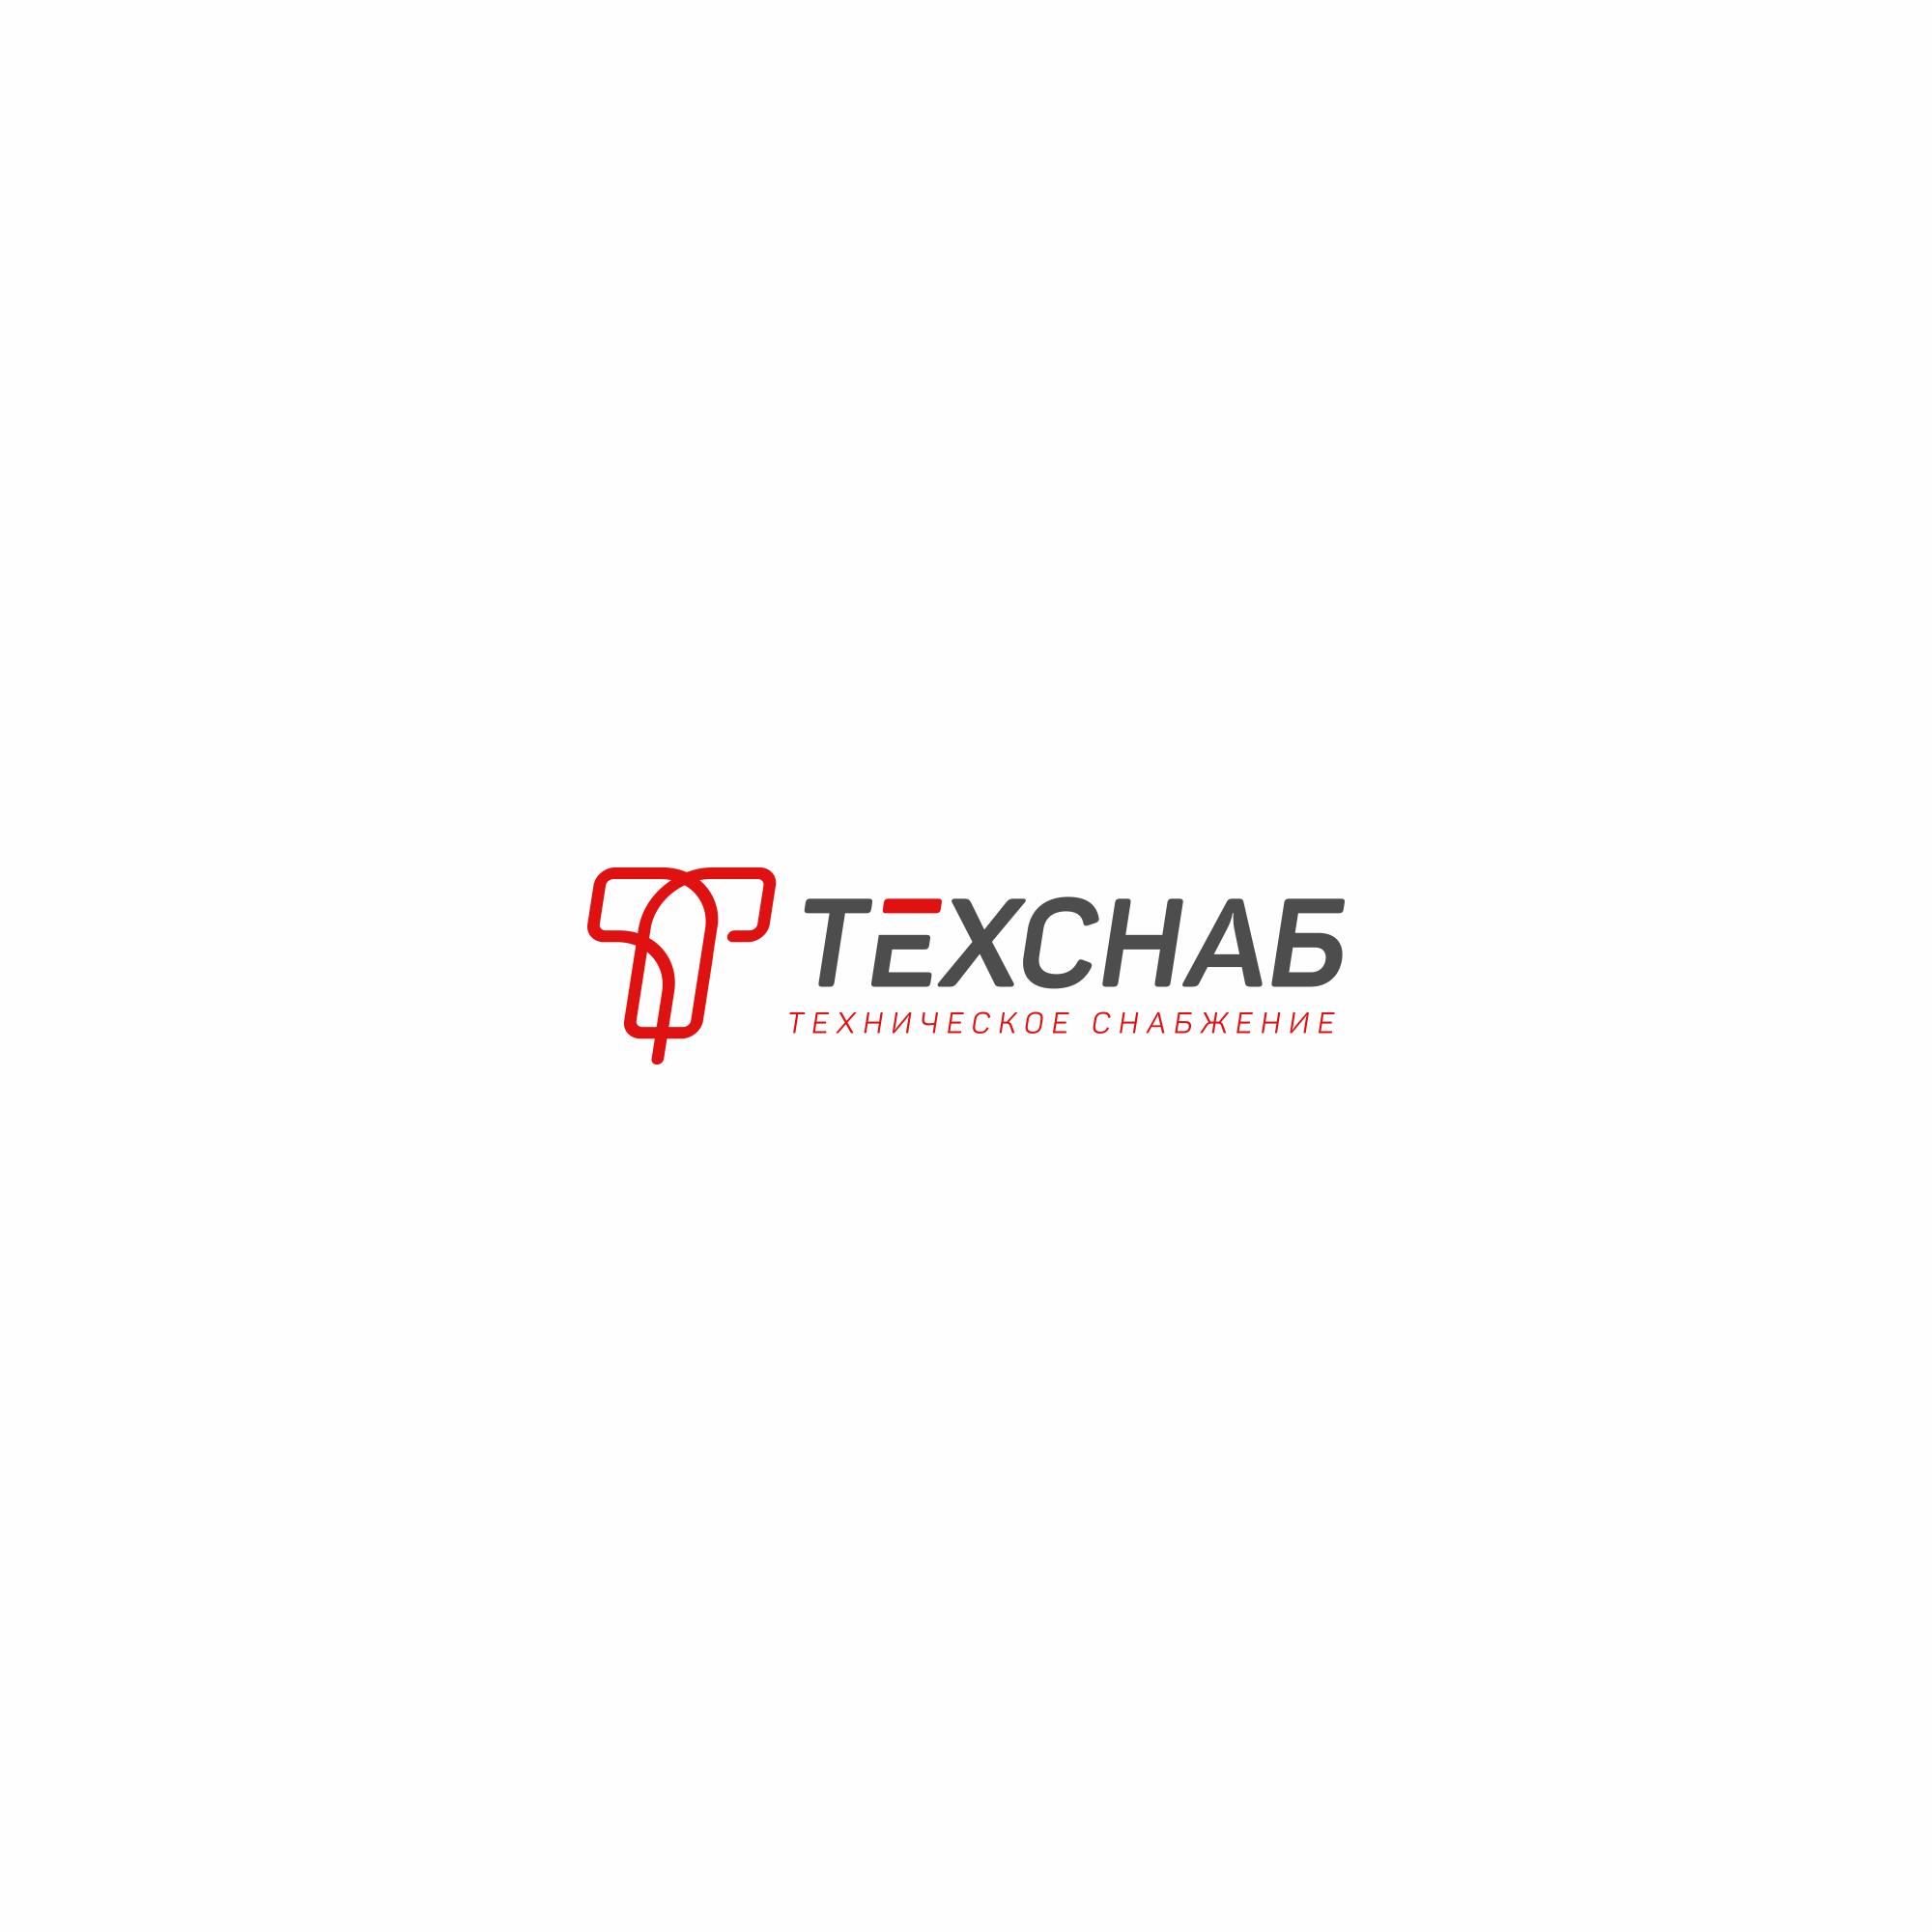 Разработка логотипа и фирм. стиля компании  ТЕХСНАБ фото f_2765b220e5f6f570.jpg